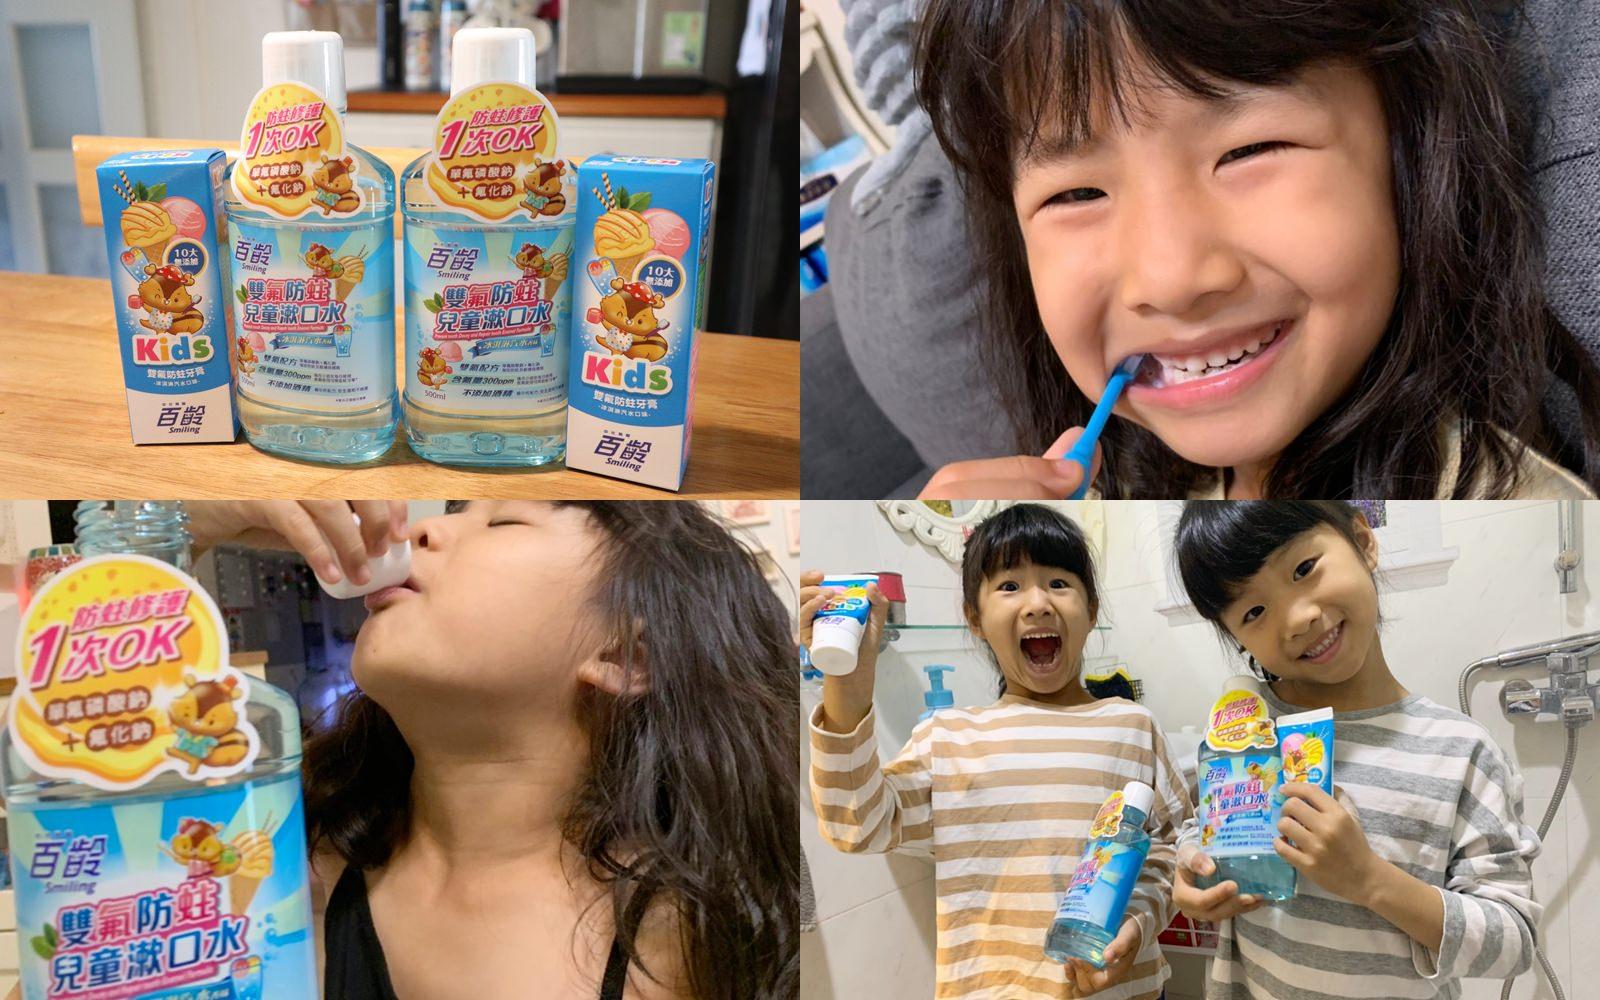 百齡雙氟防蛀兒童牙膏 漱口水 輕鬆照顧學齡兒童的牙齒~  不辣口雙氟防蛀 (超迷人冰淇淋汽水口味)